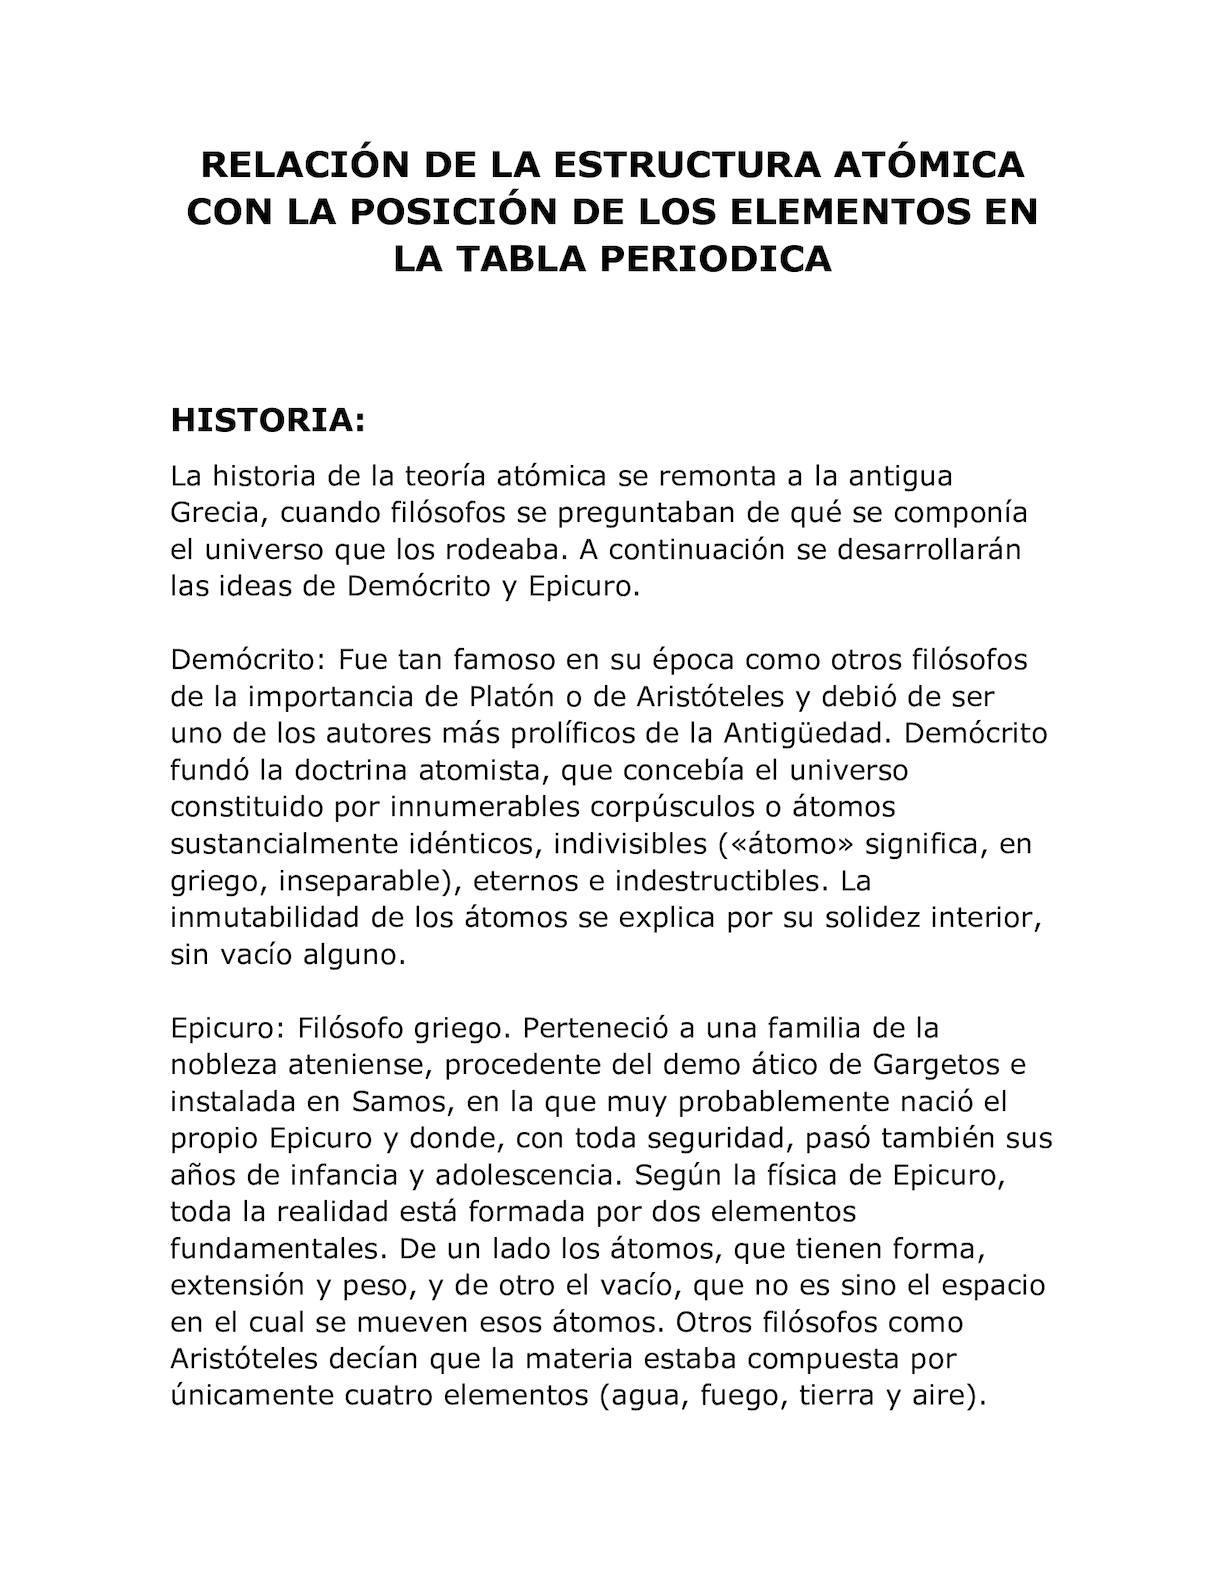 Calaméo Relación De La Estructura Atómica Con La Posición